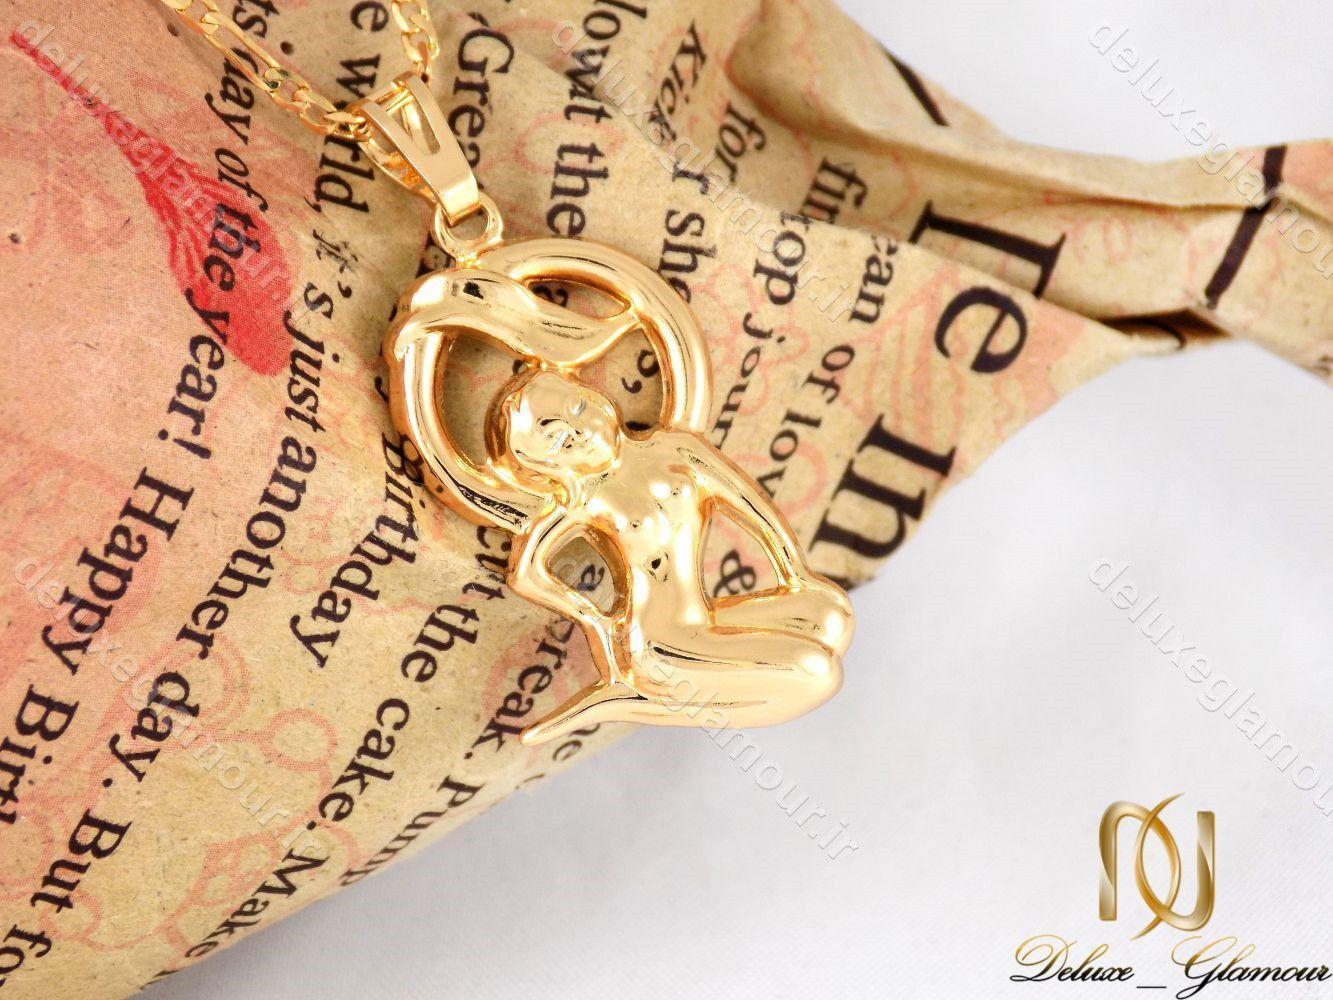 گردنبند دخترانه ژویپنگ ماه تولد شهریور با نماد فرشته nw-n198